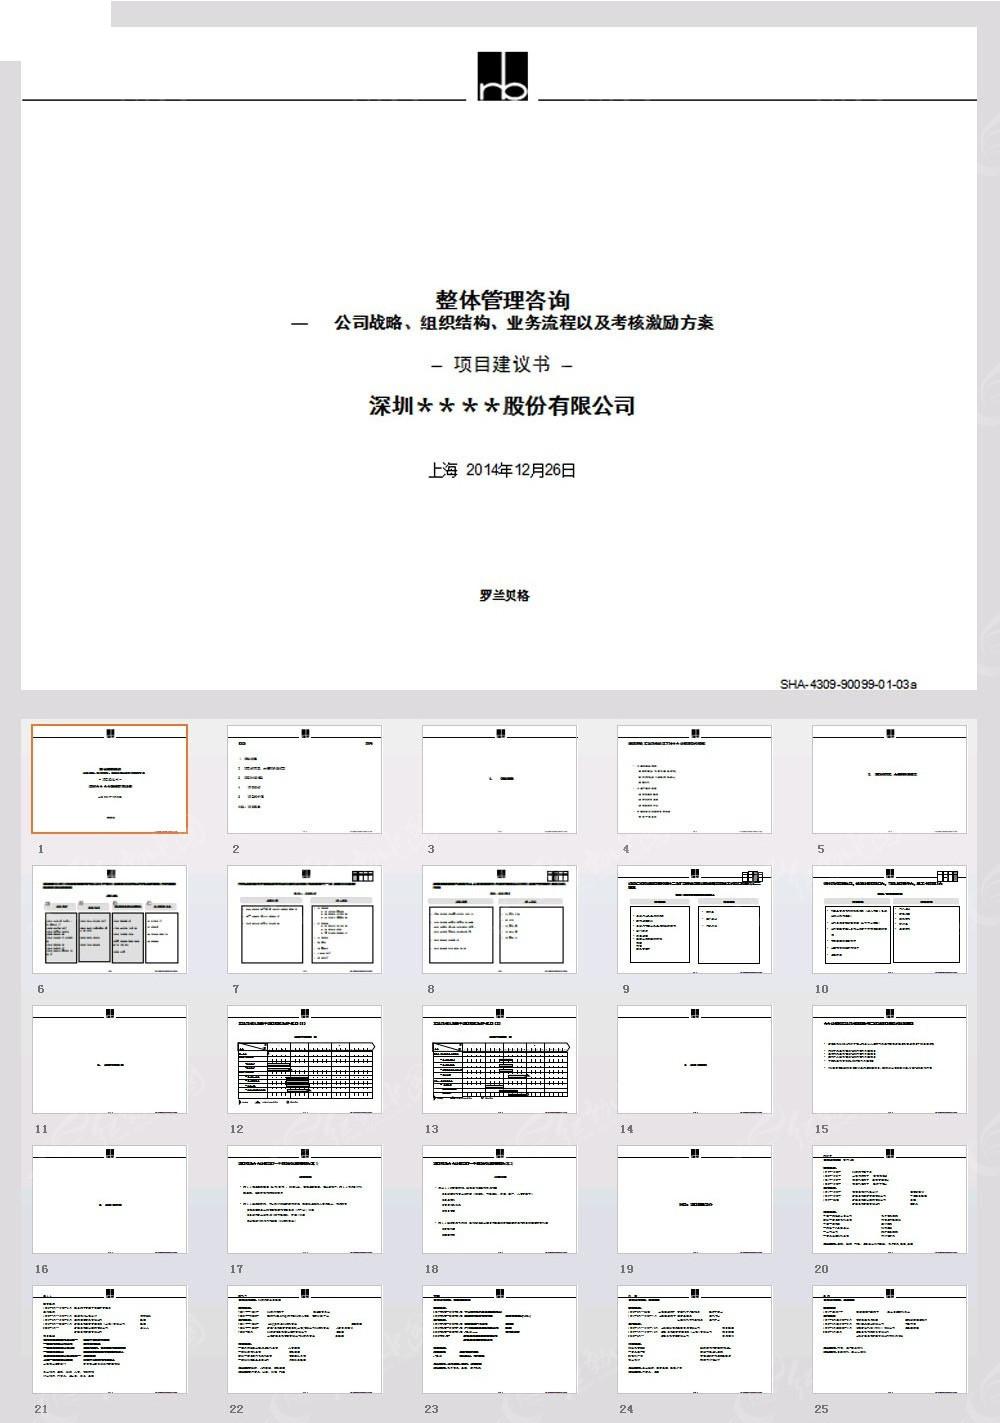 罗兰贝格标准项目建议书模板ppt素材免费下载 编号3881666 红动网